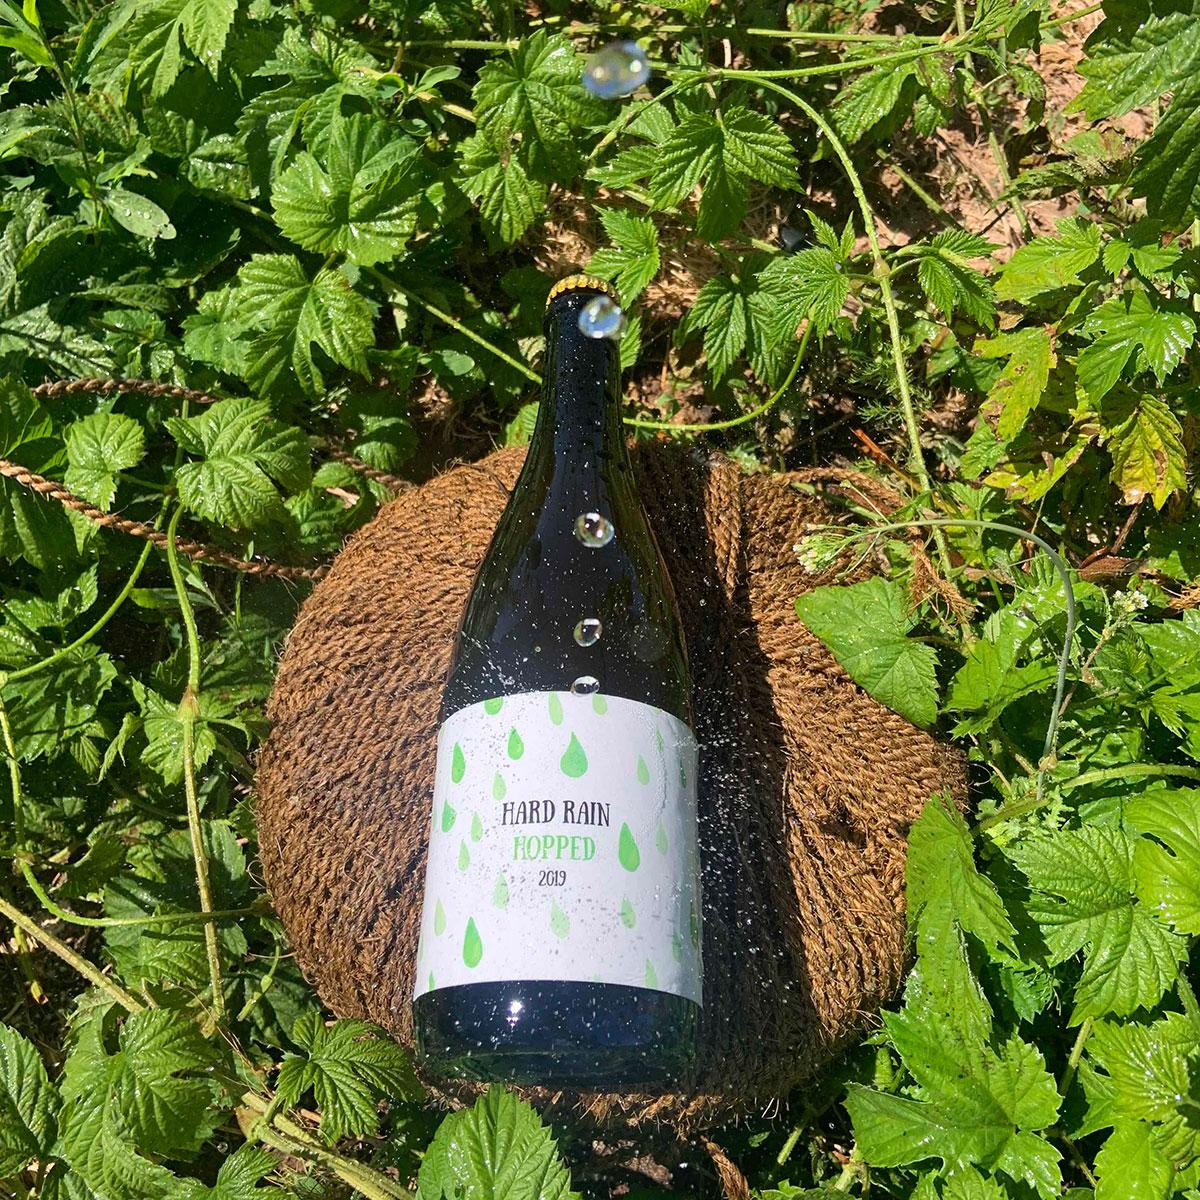 Little Pomona Hard Rain Hopped Bottle shot